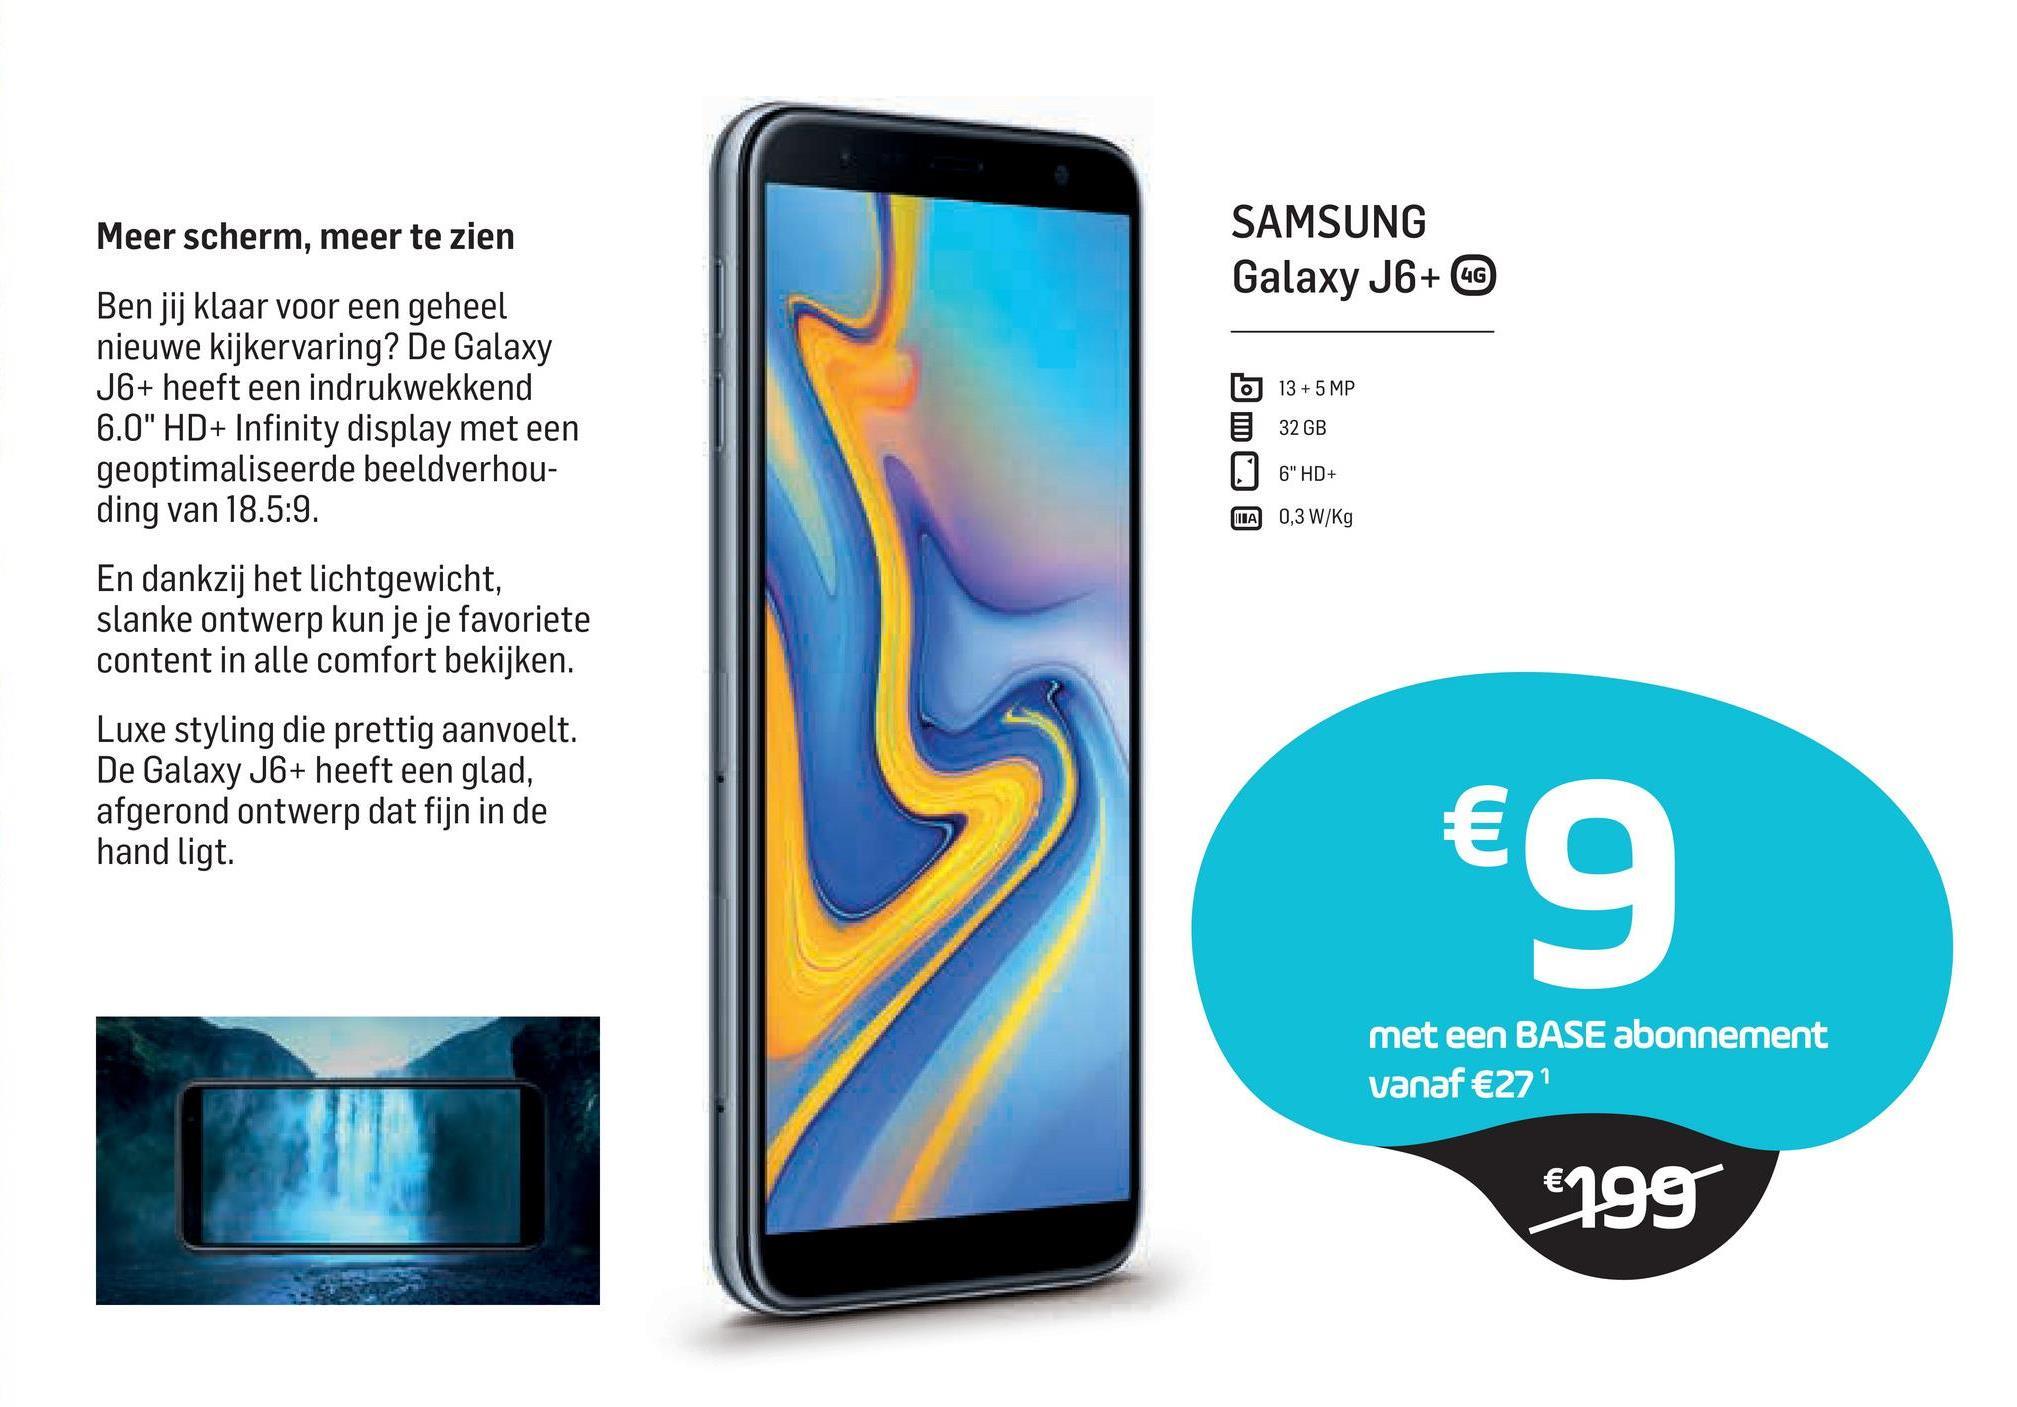 """Meer scherm, meer te zien SAMSUNG Galaxy J6+ CC Ben jij klaar voor een geheel nieuwe kijkervaring? De Galaxy J6+ heeft een indrukwekkend 6.0"""" HD+ Infinity display met een geoptimaliseerde beeldverhou- ding van 18.5:9. 6 13+ 5 MP 32 GB 06"""" HD+ TILA 0,3 W/kg En dankzij het lichtgewicht, slanke ontwerp kun je je favoriete content in alle comfort bekijken. Luxe styling die prettig aanvoelt. De Galaxy J6+ heeft een glad, afgerond ontwerp dat fijn in de hand ligt. € 9 met een BASE abonnement vanaf €271 €199"""